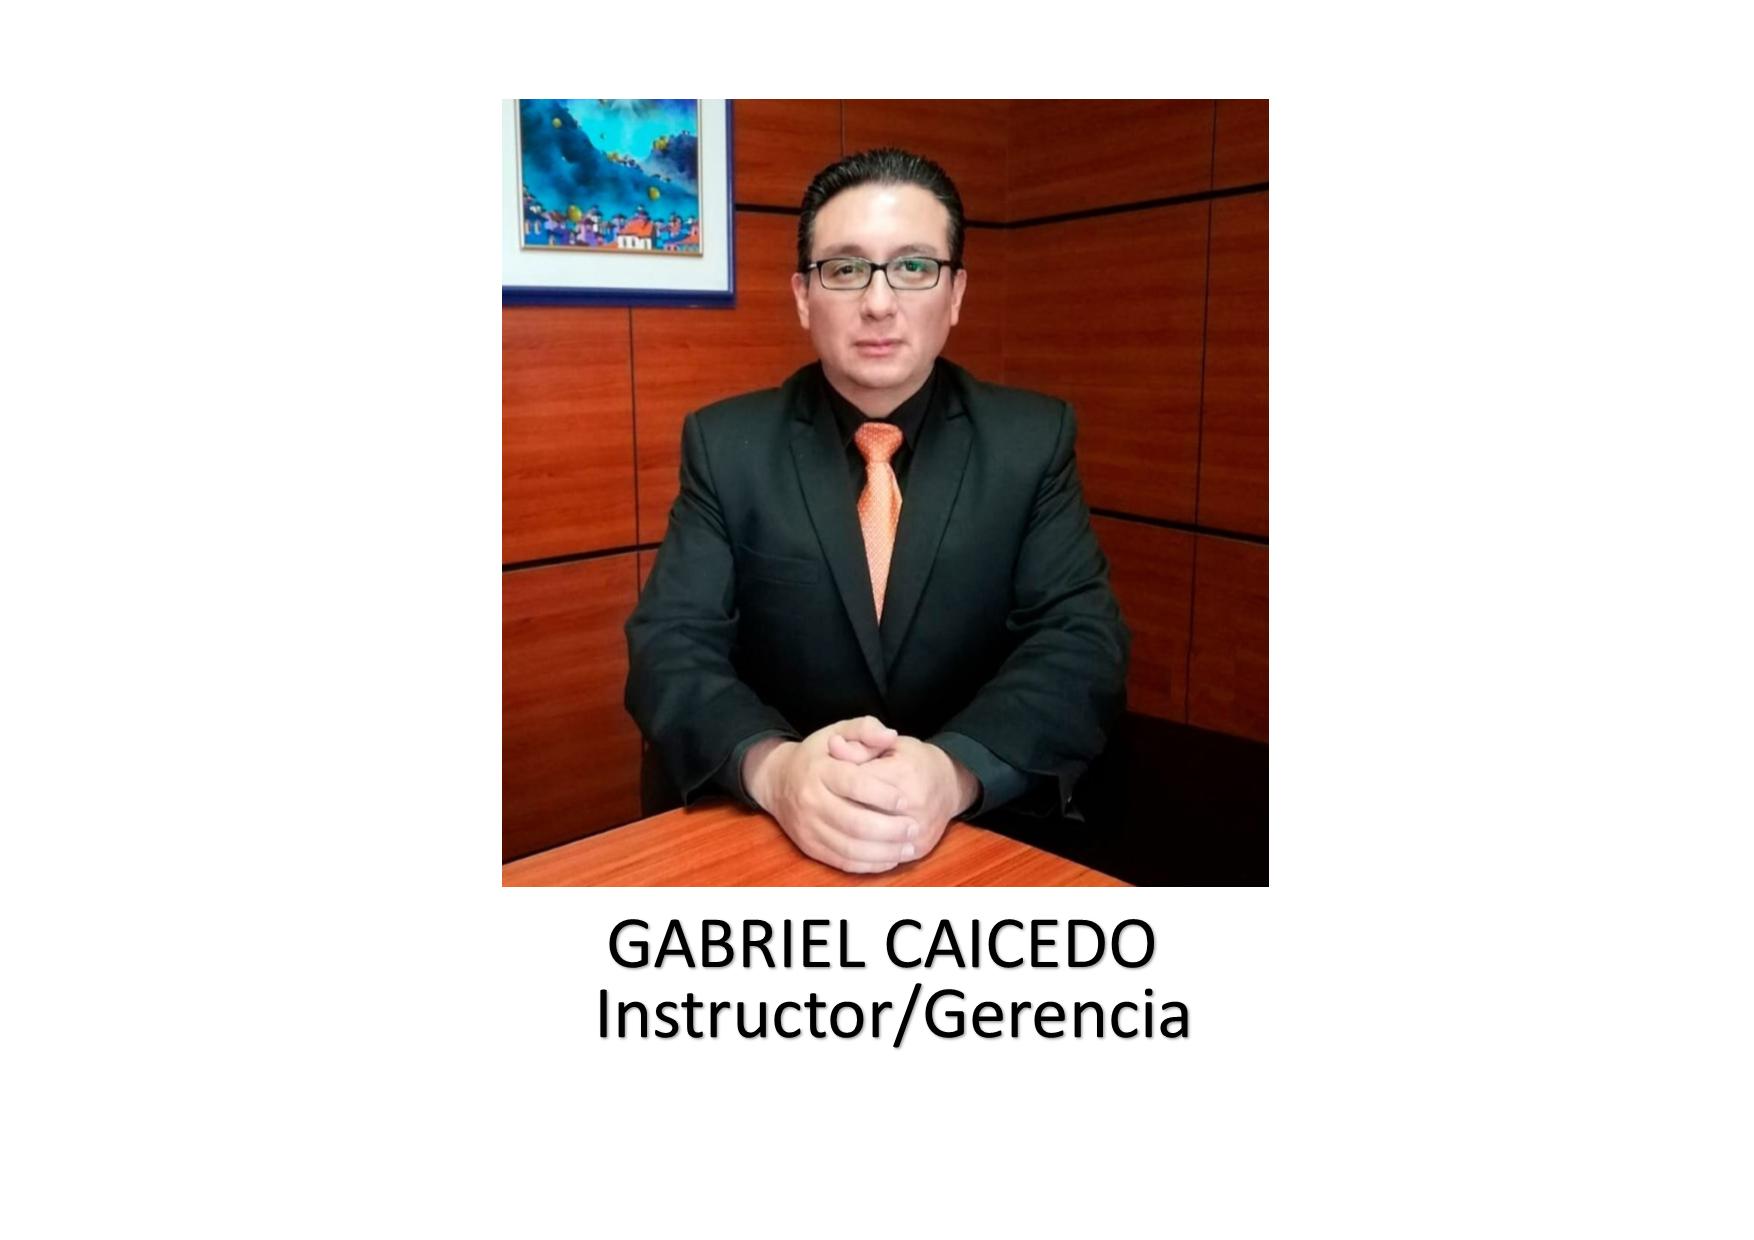 GABRIEL CAICEDO